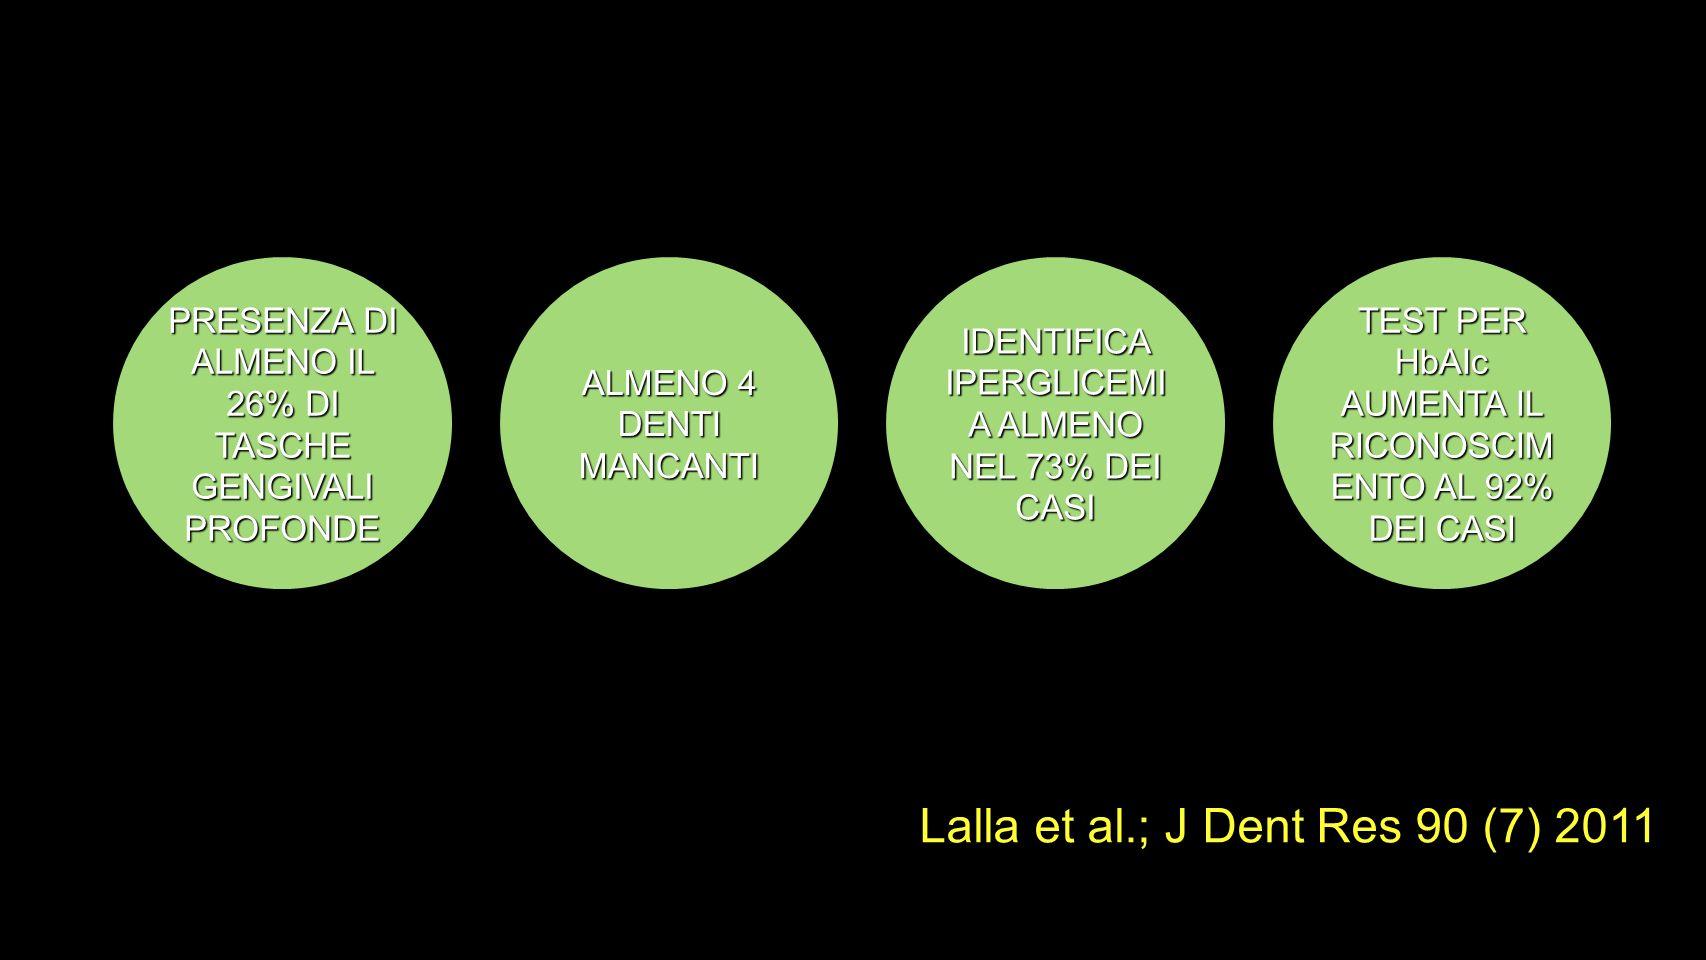 PRESENZA DI ALMENO IL 26% DI TASCHE GENGIVALI PROFONDE ALMENO 4 DENTI MANCANTI IDENTIFICA IPERGLICEMI A ALMENO NEL 73% DEI CASI TEST PER HbAIc AUMENTA IL RICONOSCIM ENTO AL 92% DEI CASI Lalla et al.; J Dent Res 90 (7) 2011